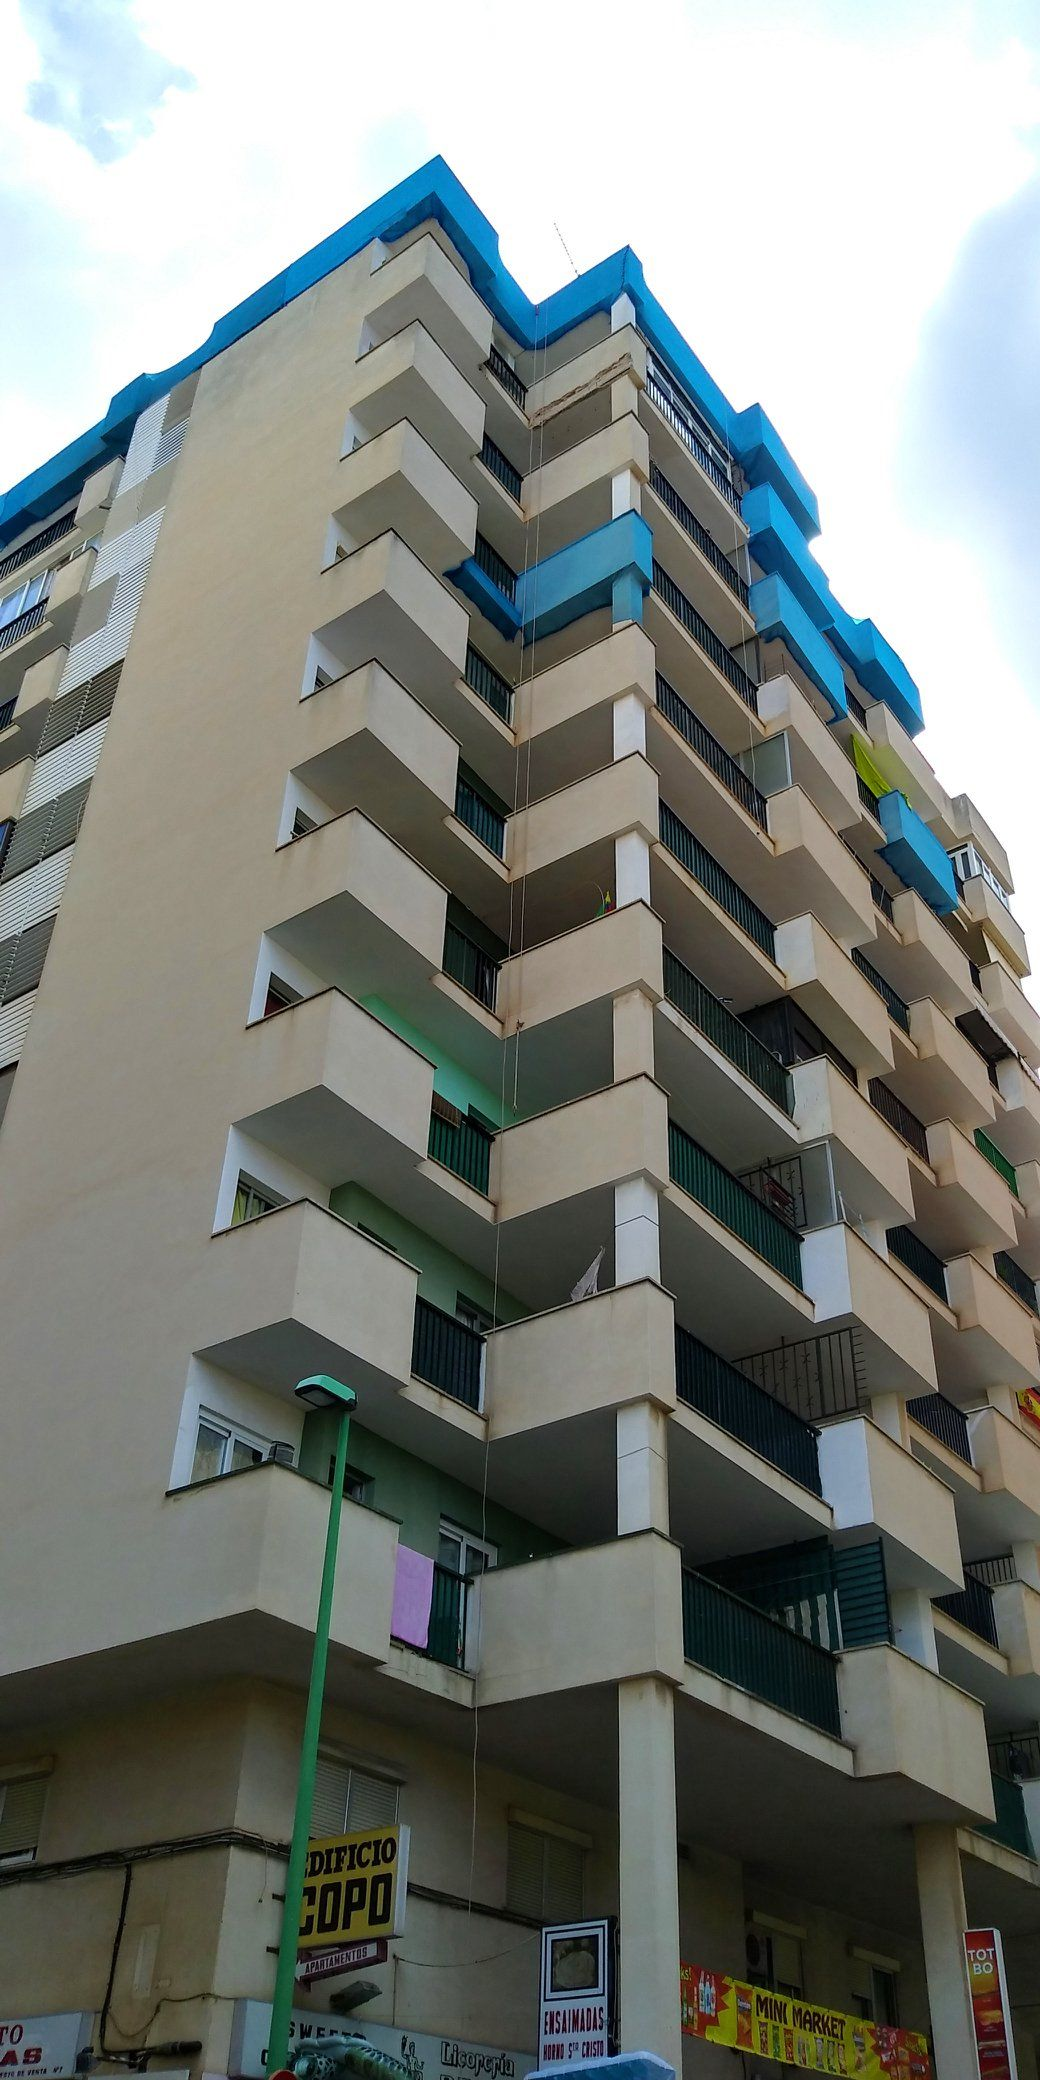 Foto 26 de Trabajos verticales en Palma de Mallorca   Trabajos Verticales Florinity